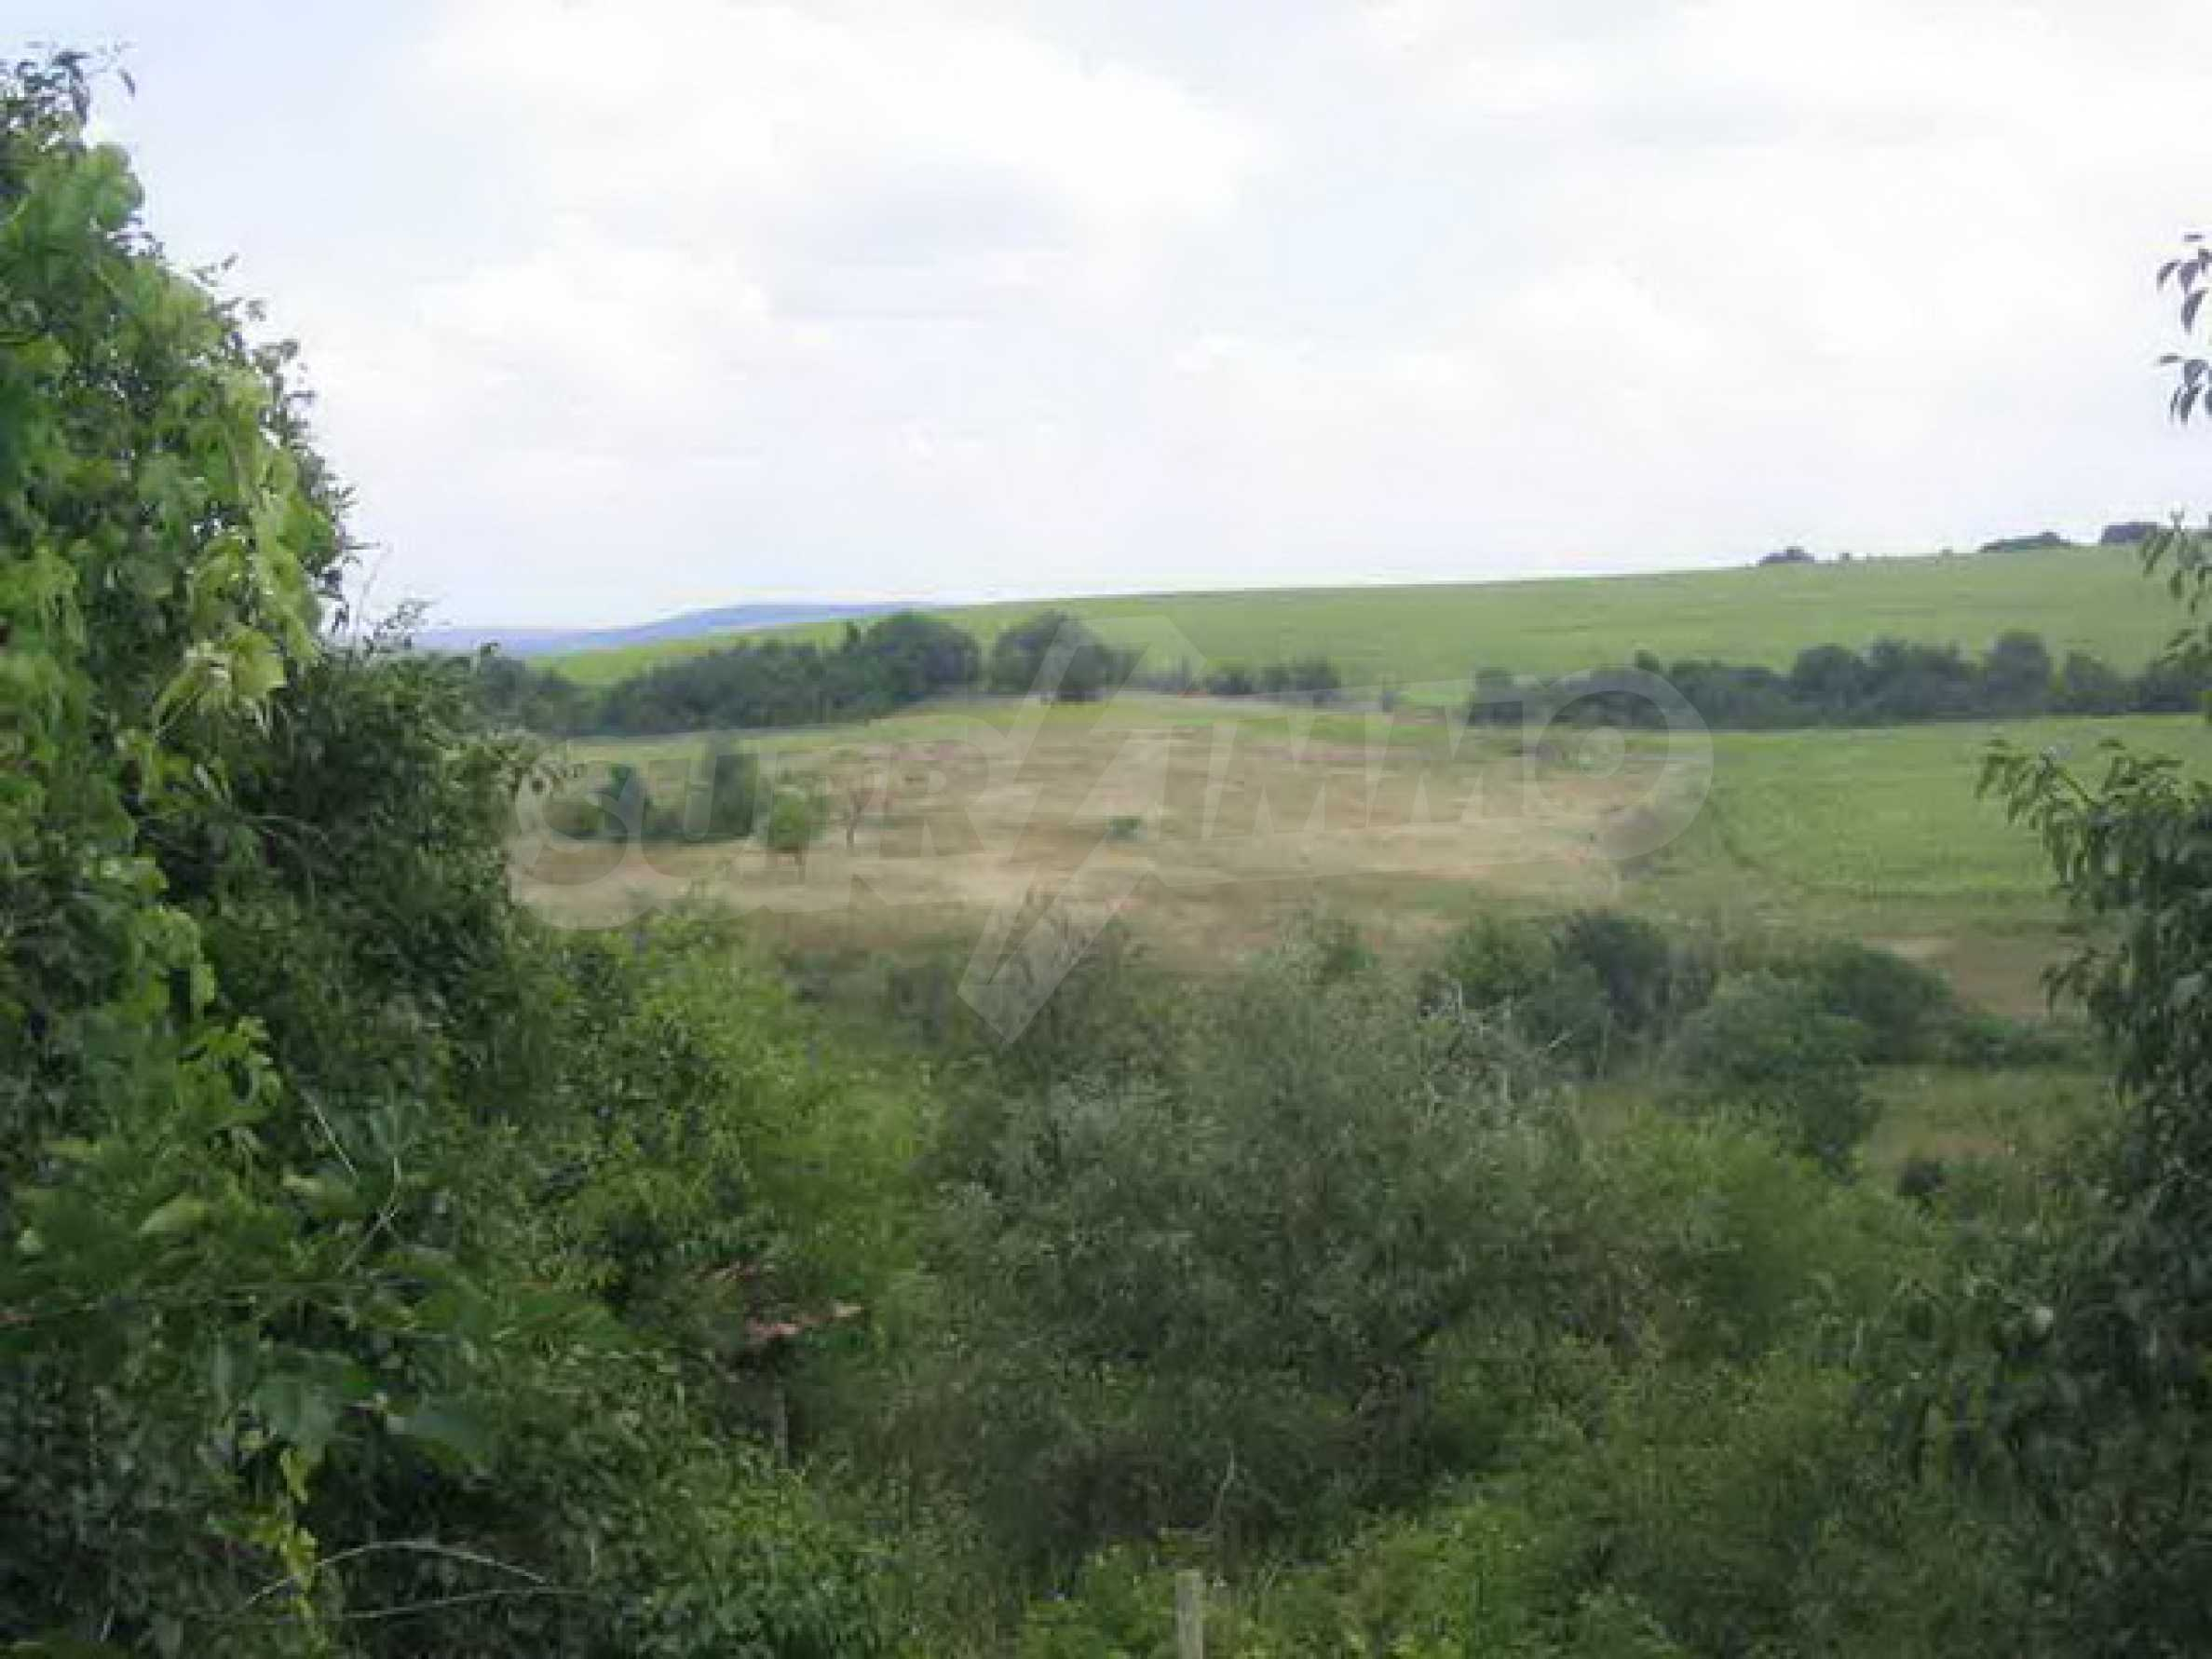 Grundstück in der Nähe eines kleinen Dammes 1